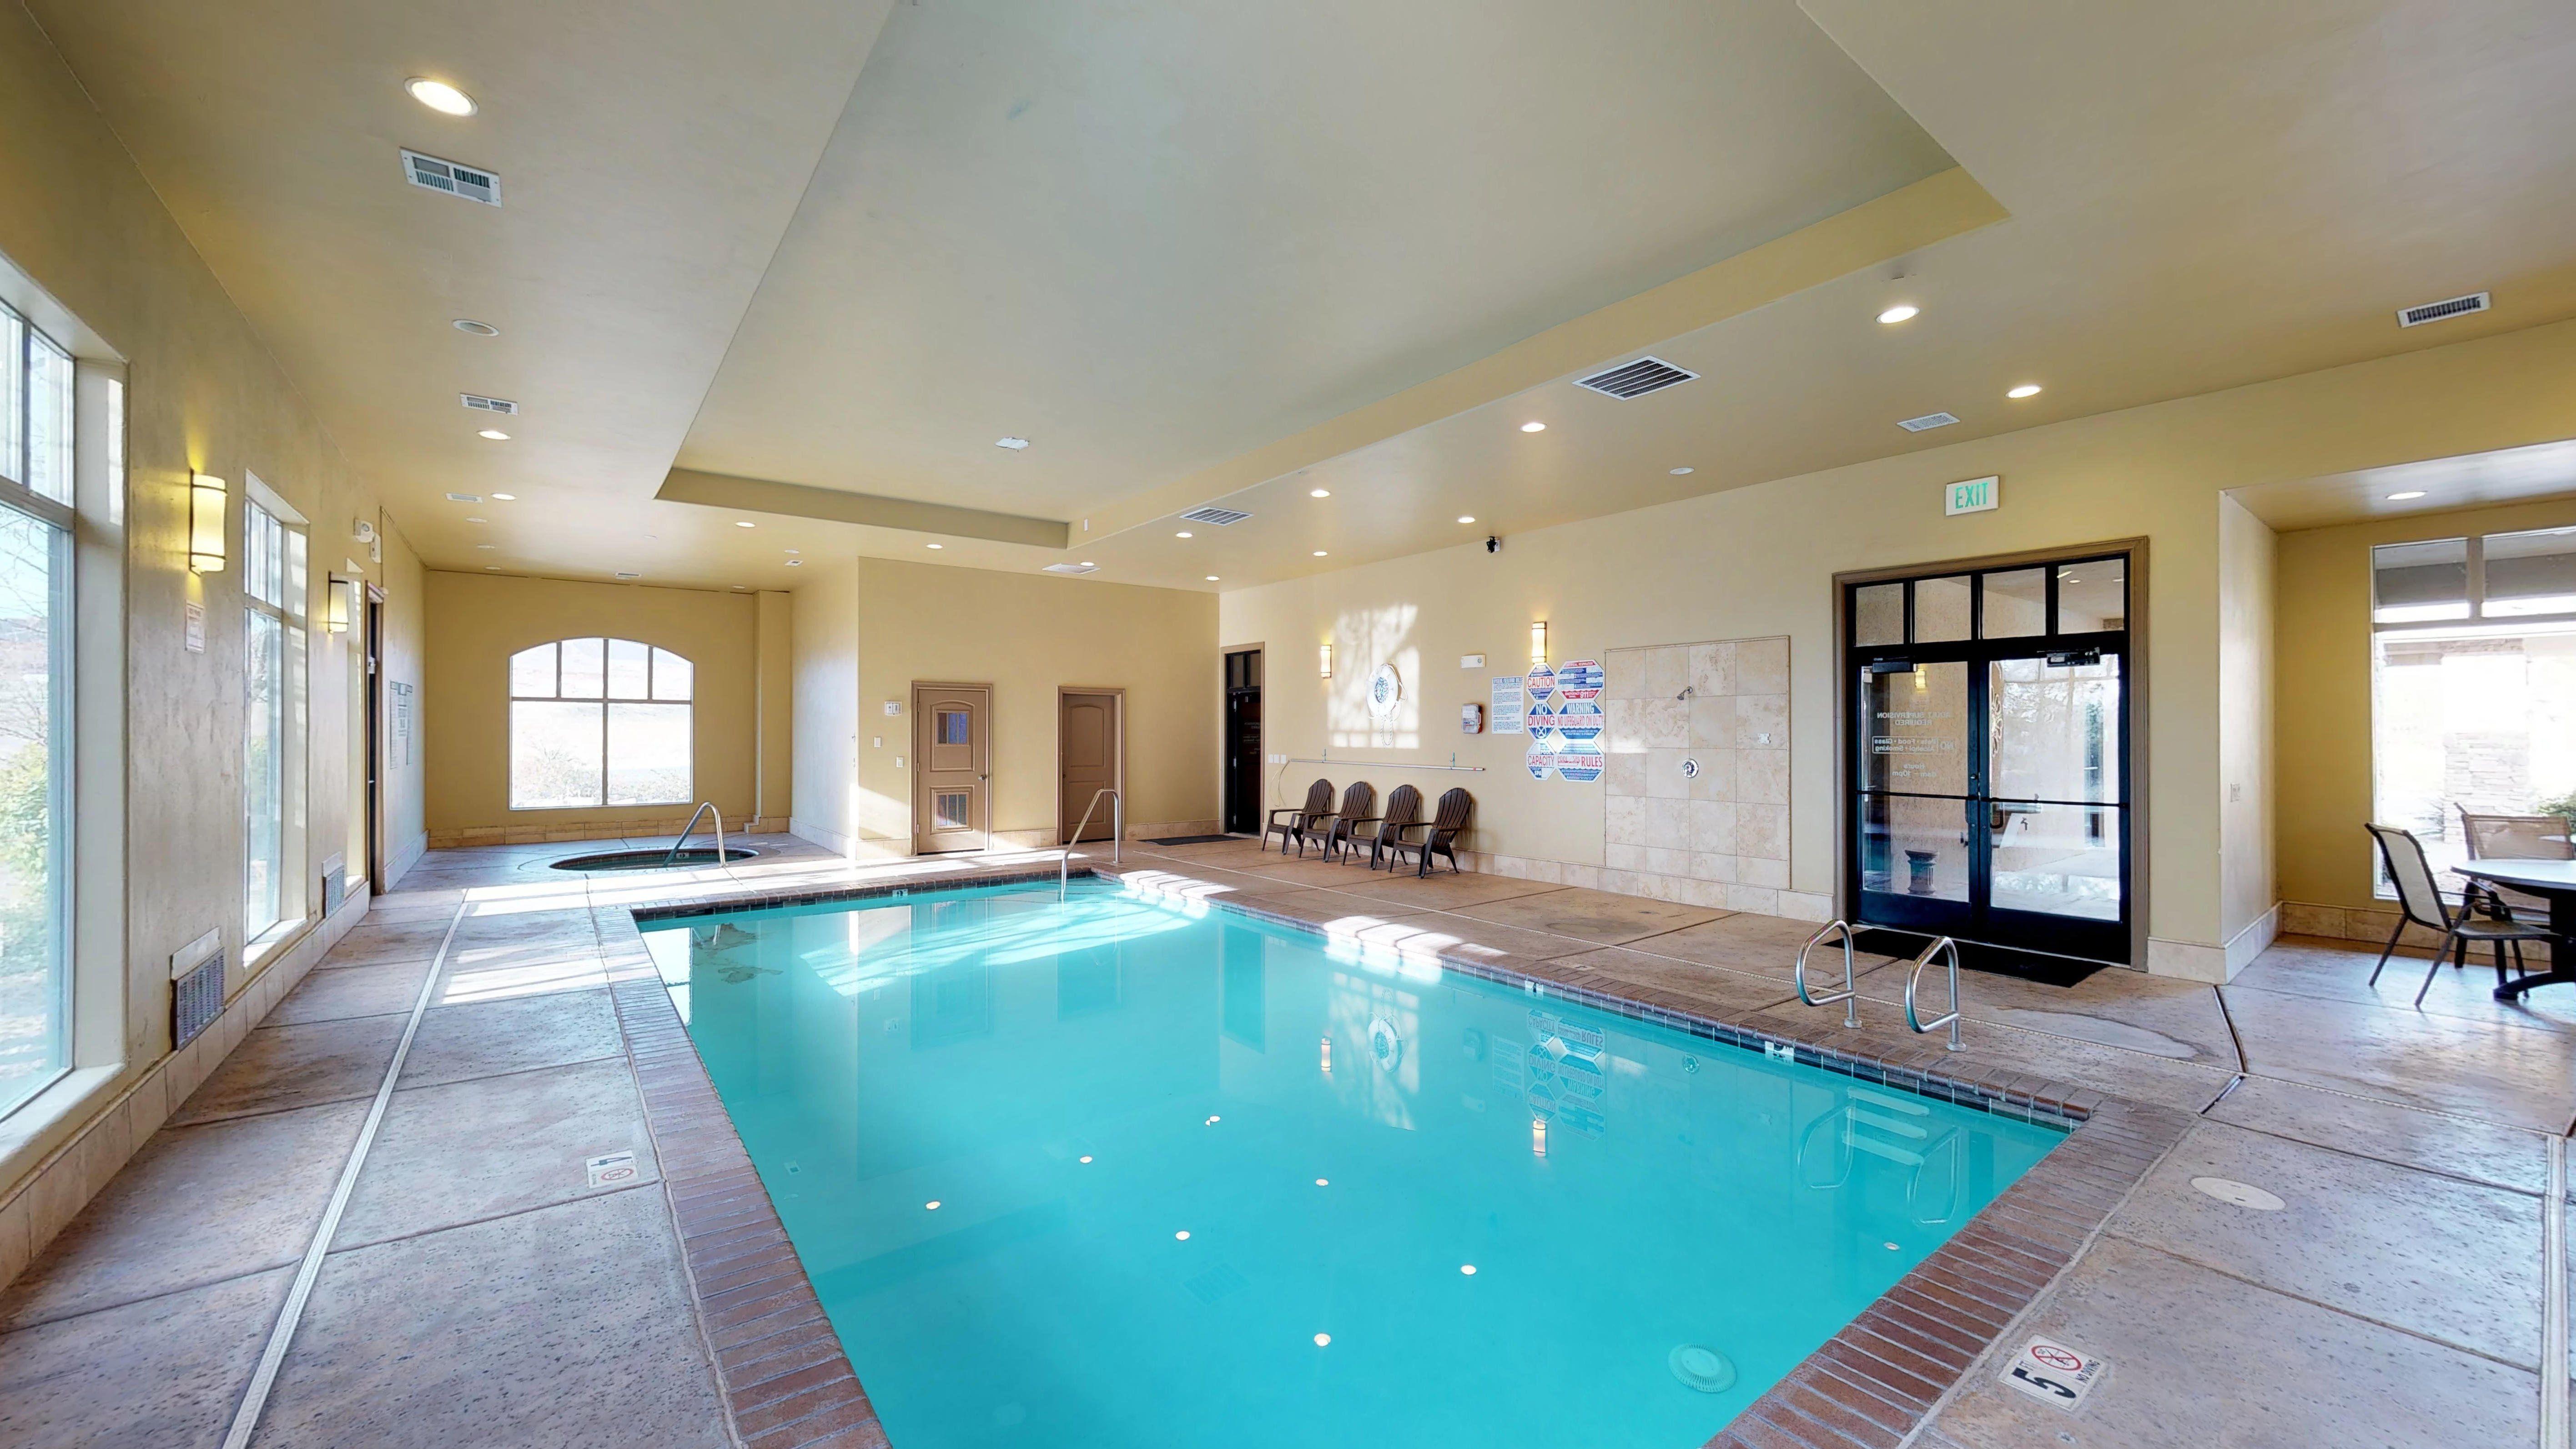 Indoor Outdoor Pool Vacation Rental Resort Indoor Outdoor Pool Pools Vacation Outdoor Pool